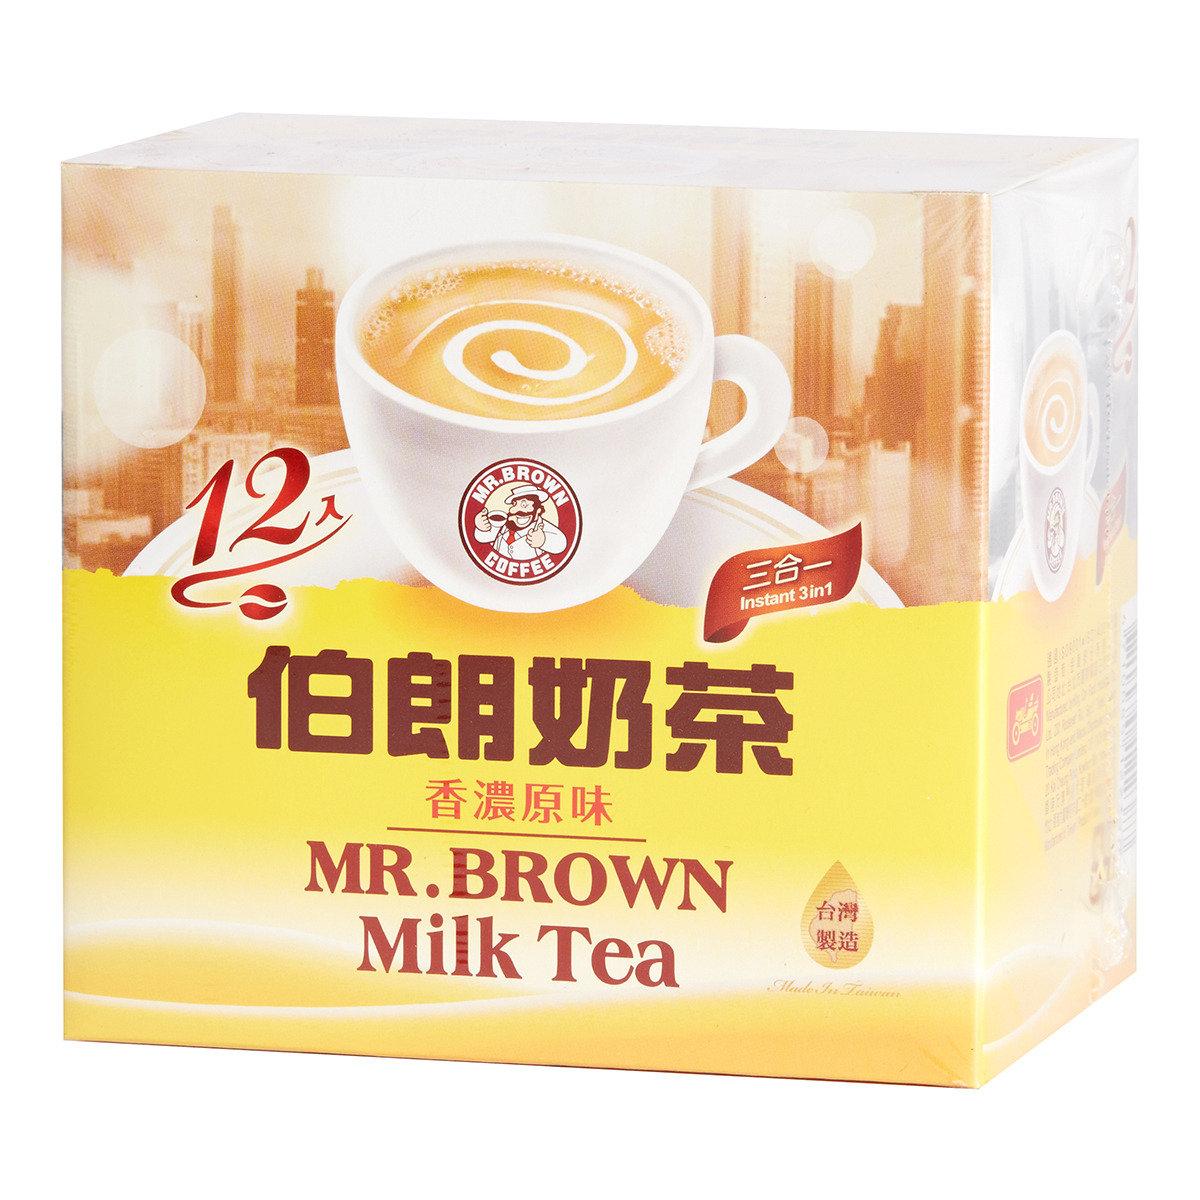 奶茶三合一